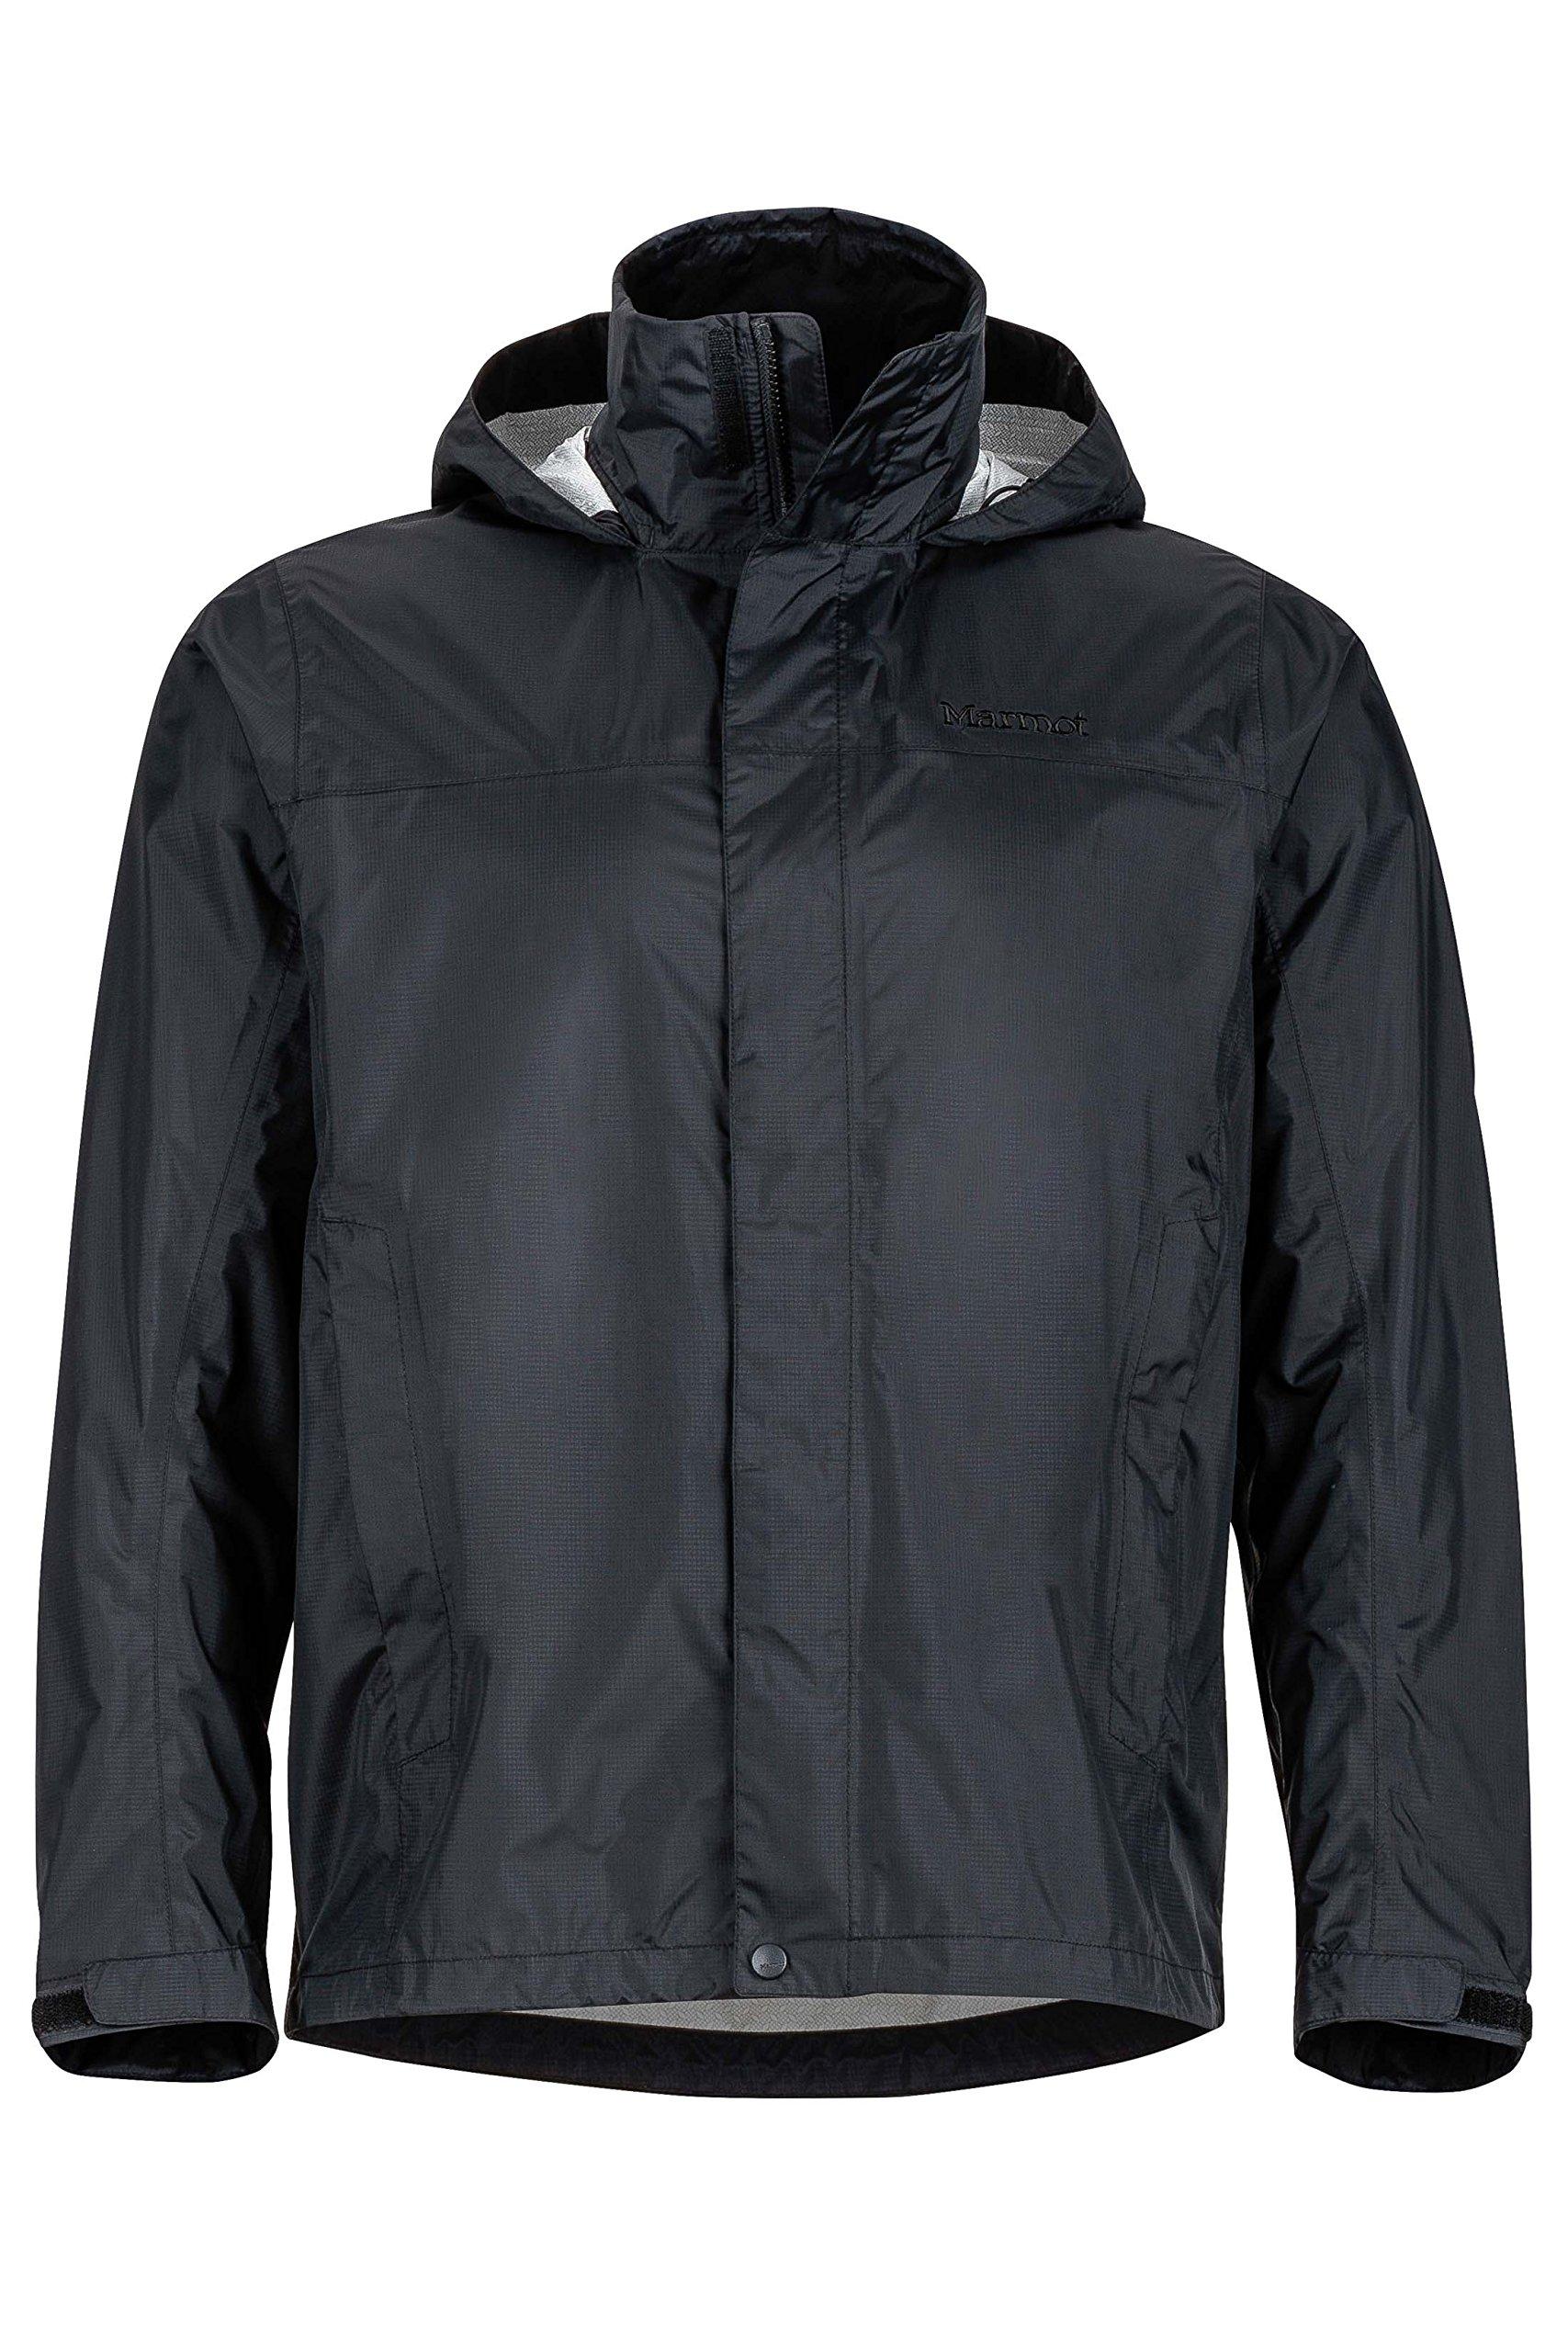 Marmot Men's PreCip Jacket, Jet Black, S